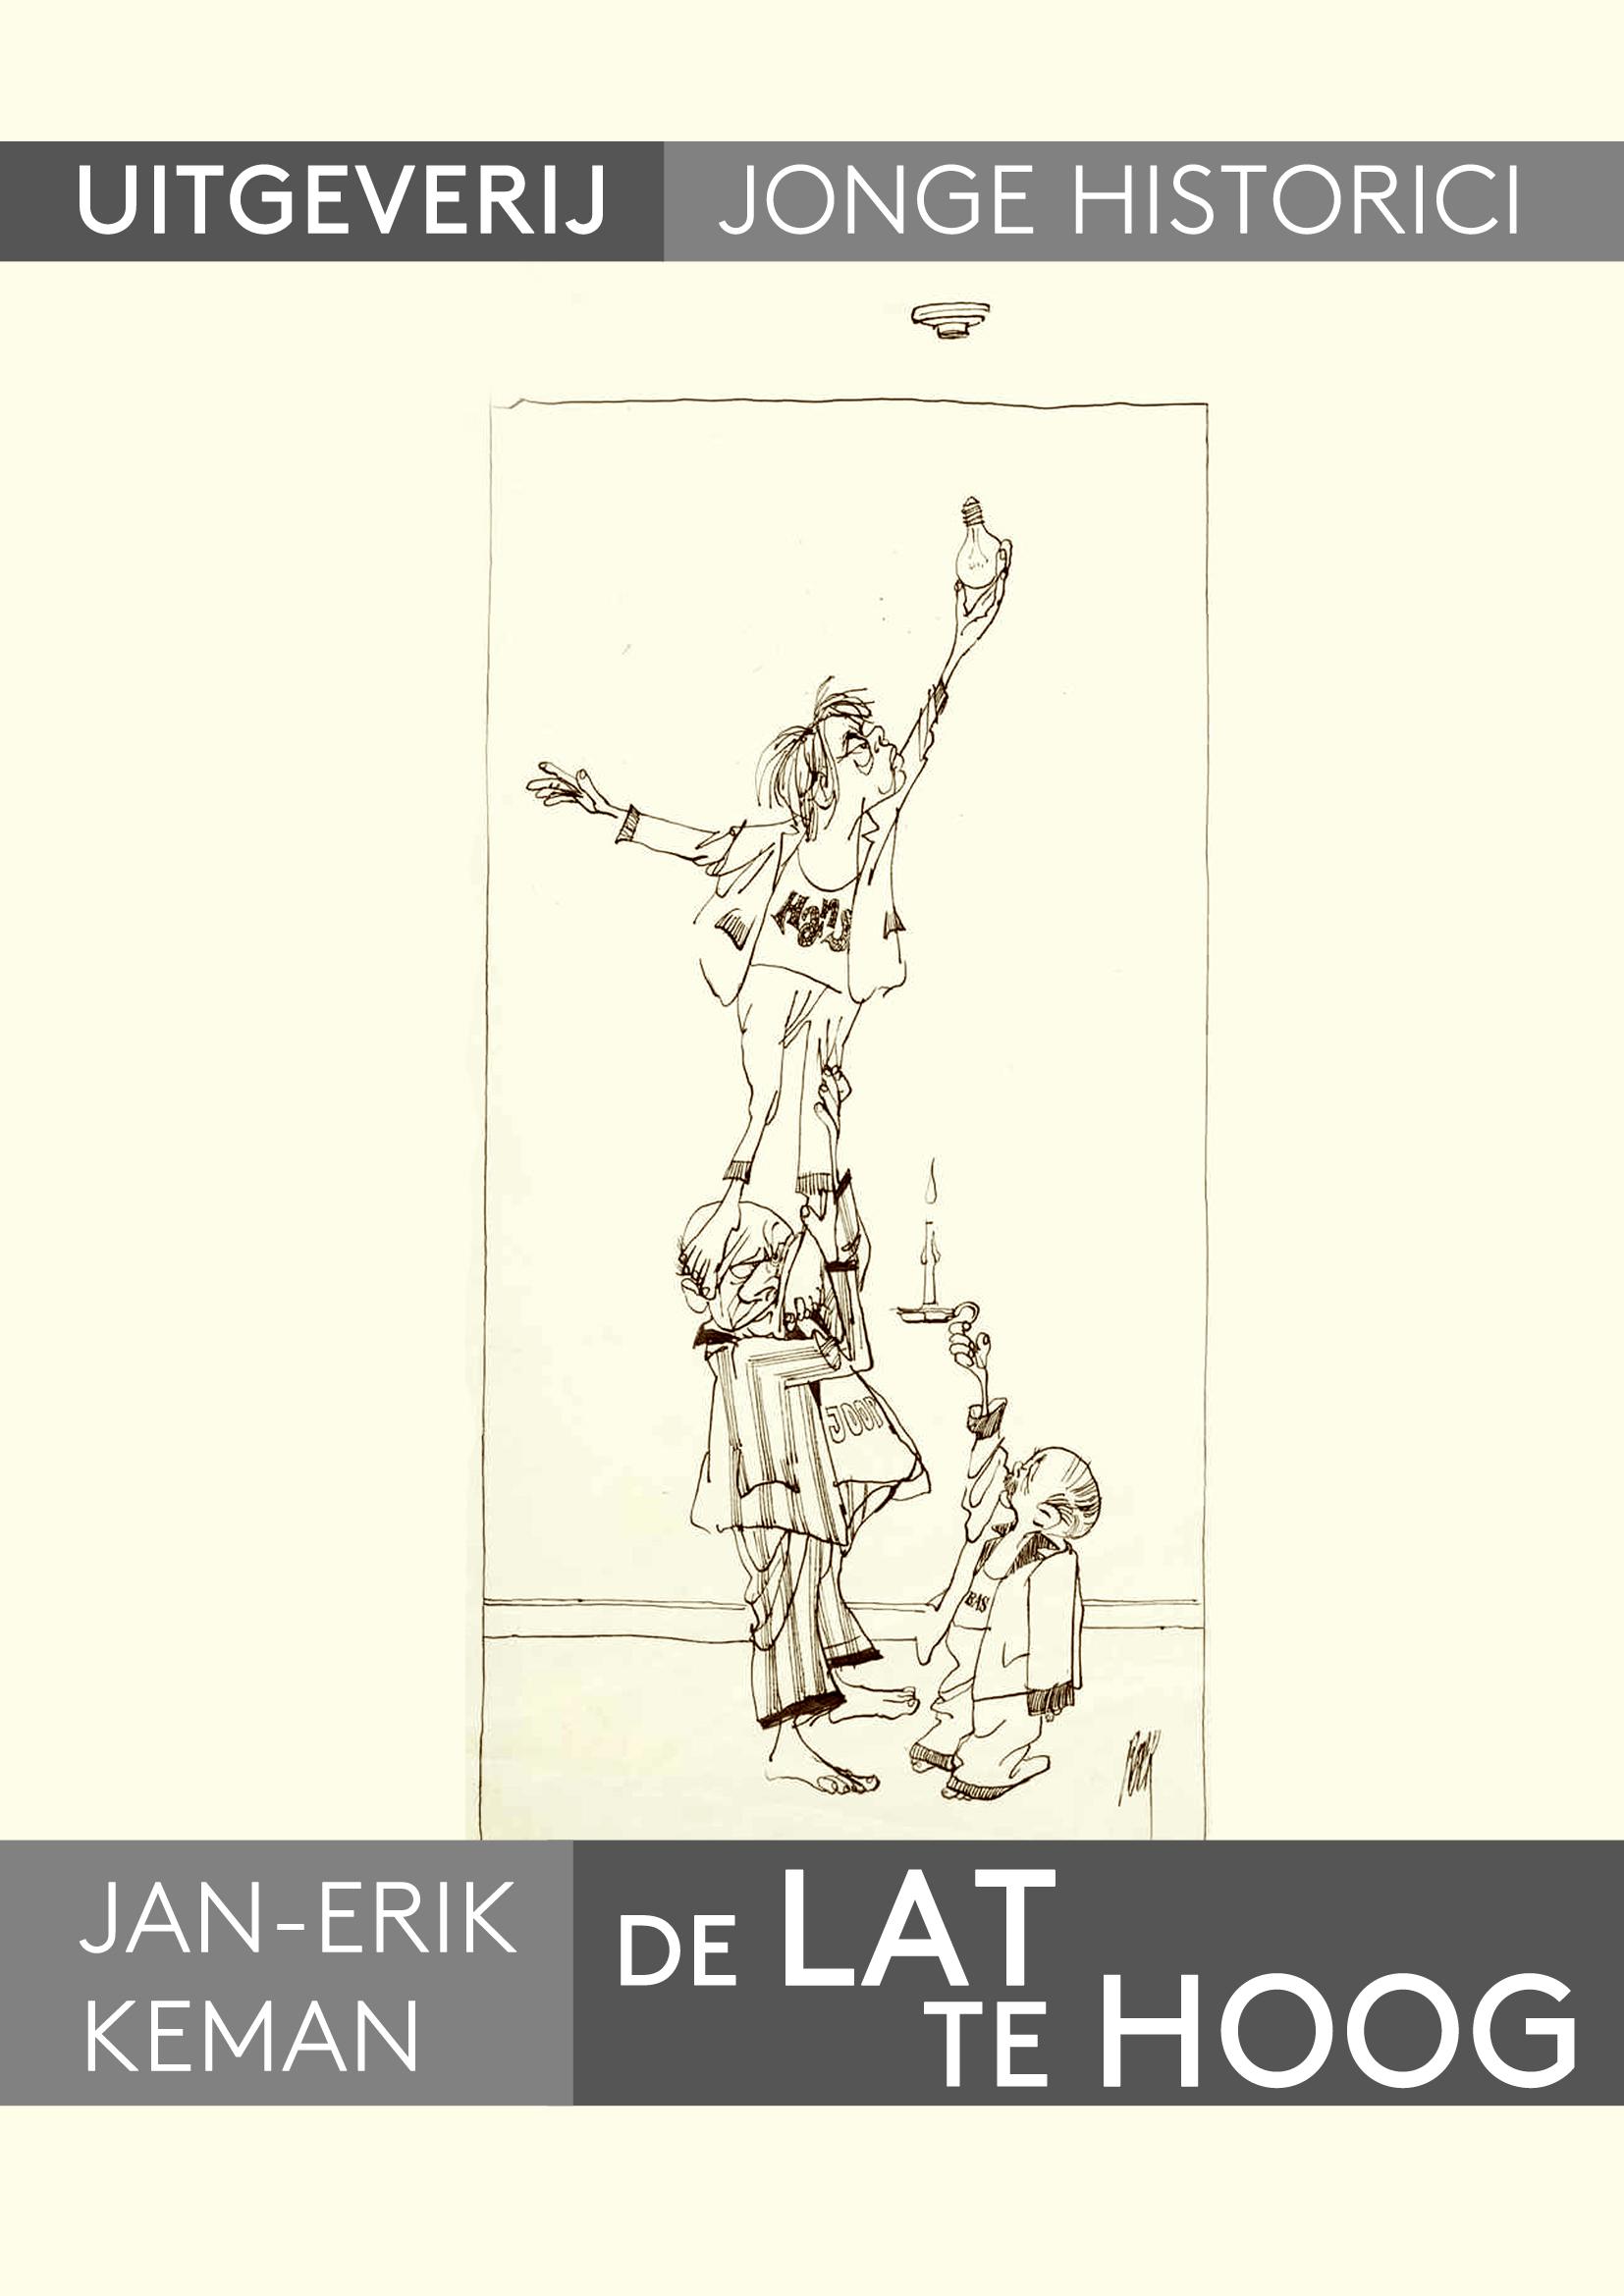 Jan-Erik Keman: De lat te hoog. Waarom de kiezer ondanks grenzeloze ambities en een ongekende dadendrang begin jaren zeventig toch geen invloed kreeg op de regeringsvorming